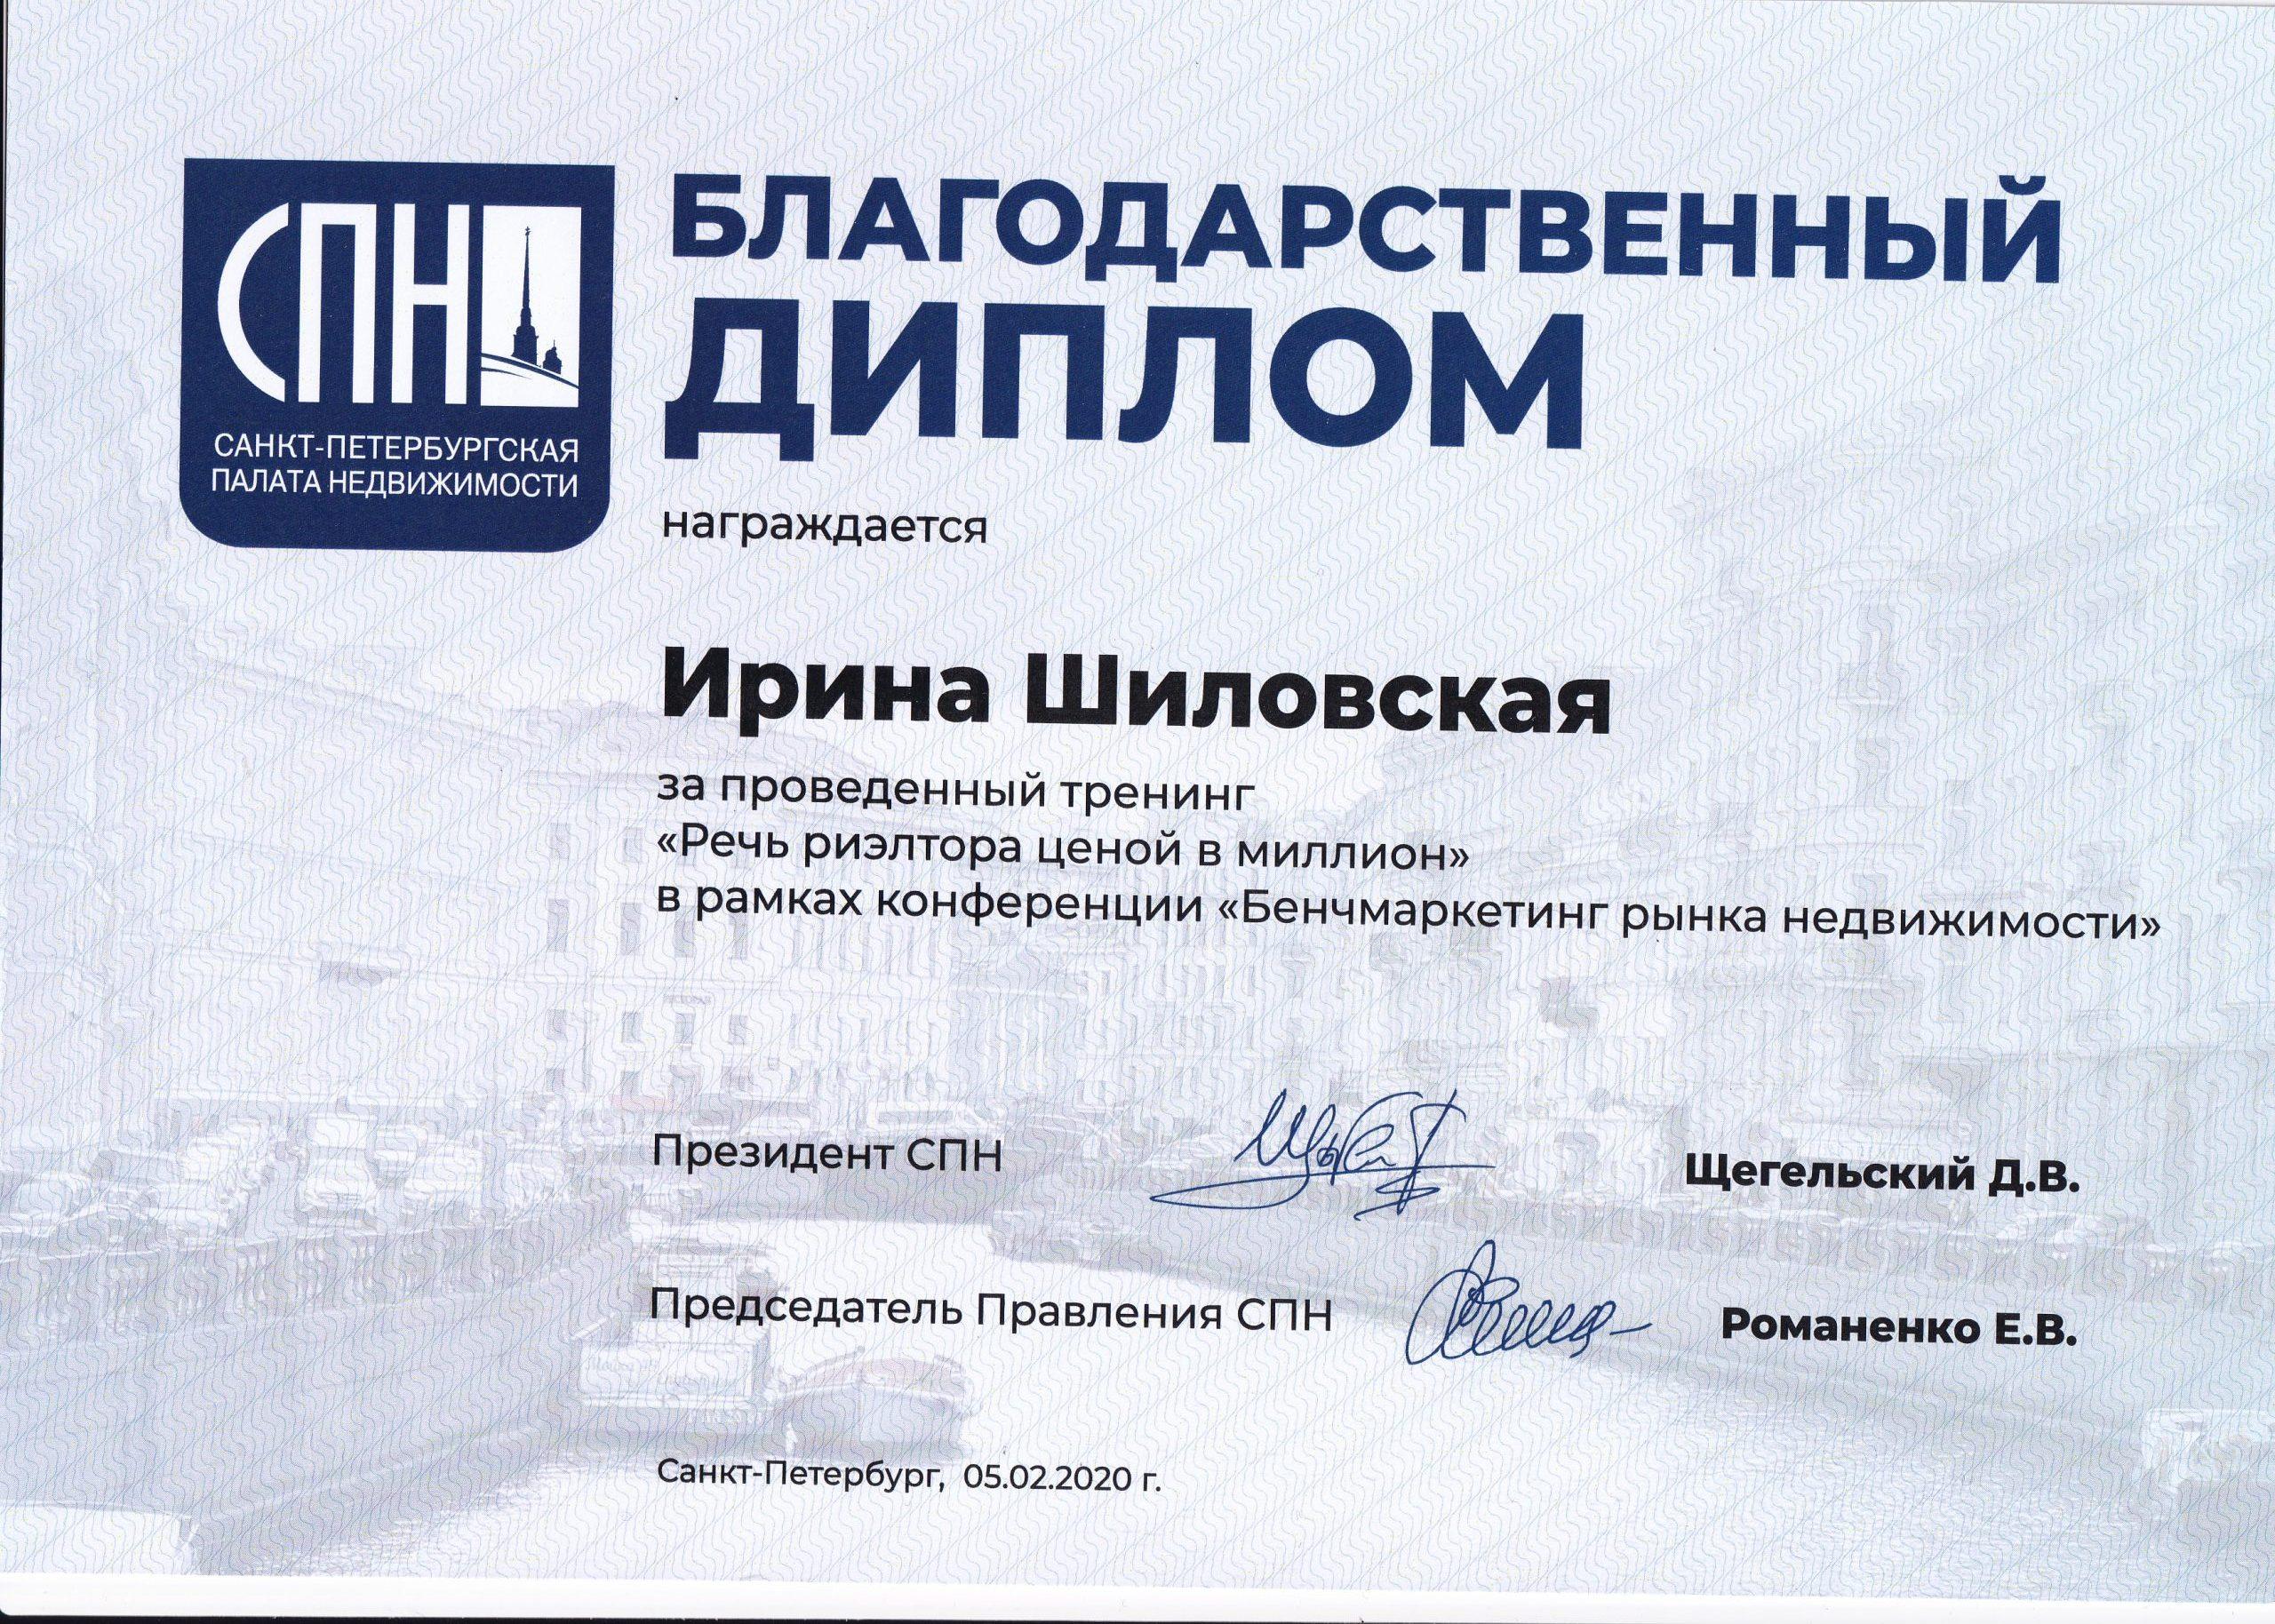 Благодарственный диплом Палата Недвижимости СПб